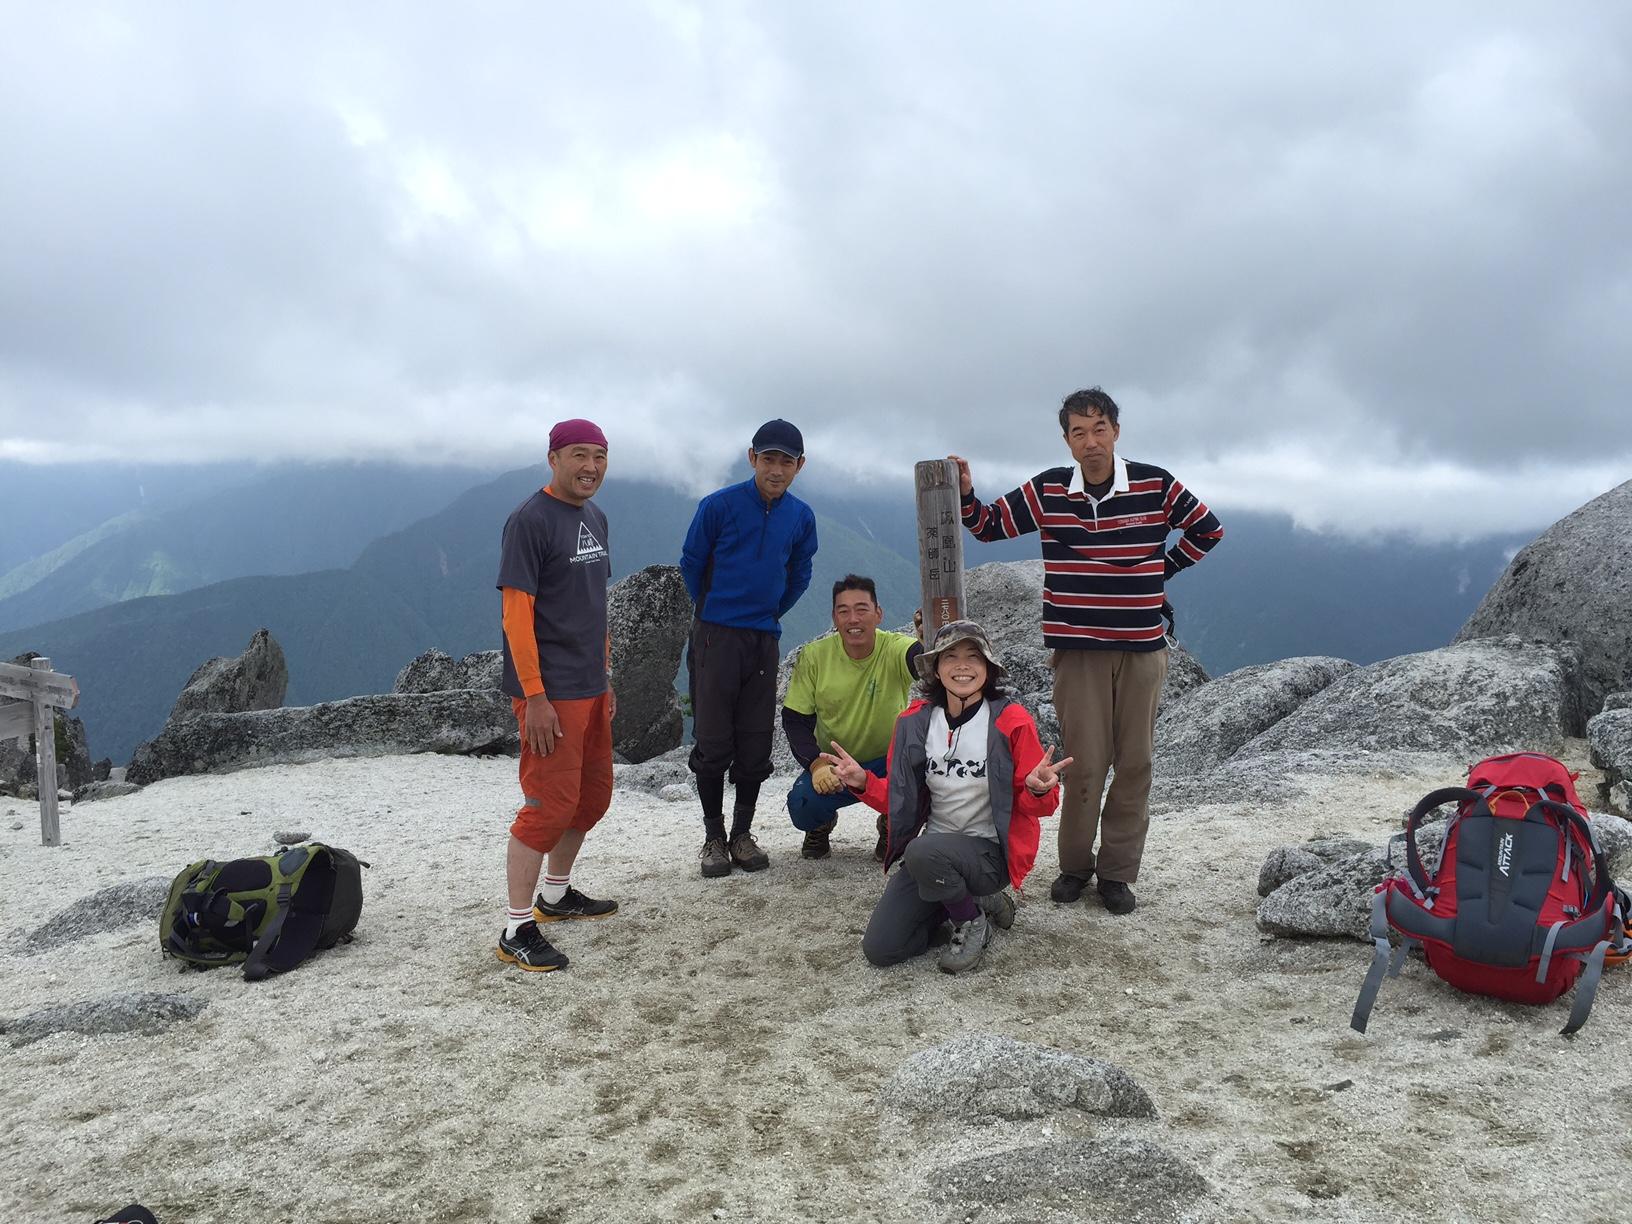 薬師岳の頂上にて。花崗岩が砂岩となって白い浜べのようです。